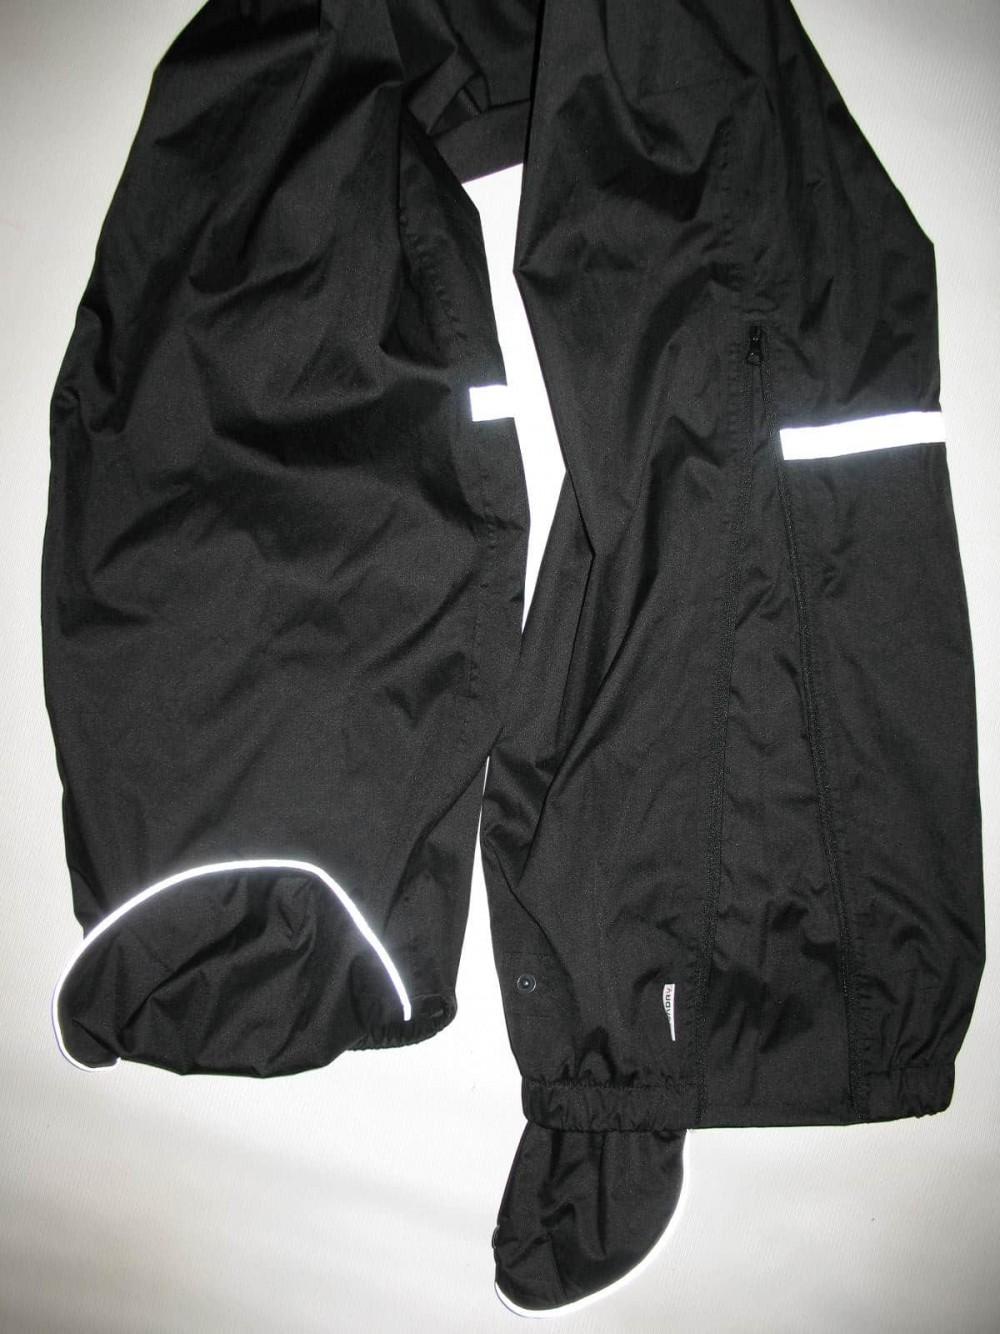 Штаны B'TWIN cycling rain pants (размер M) - 5